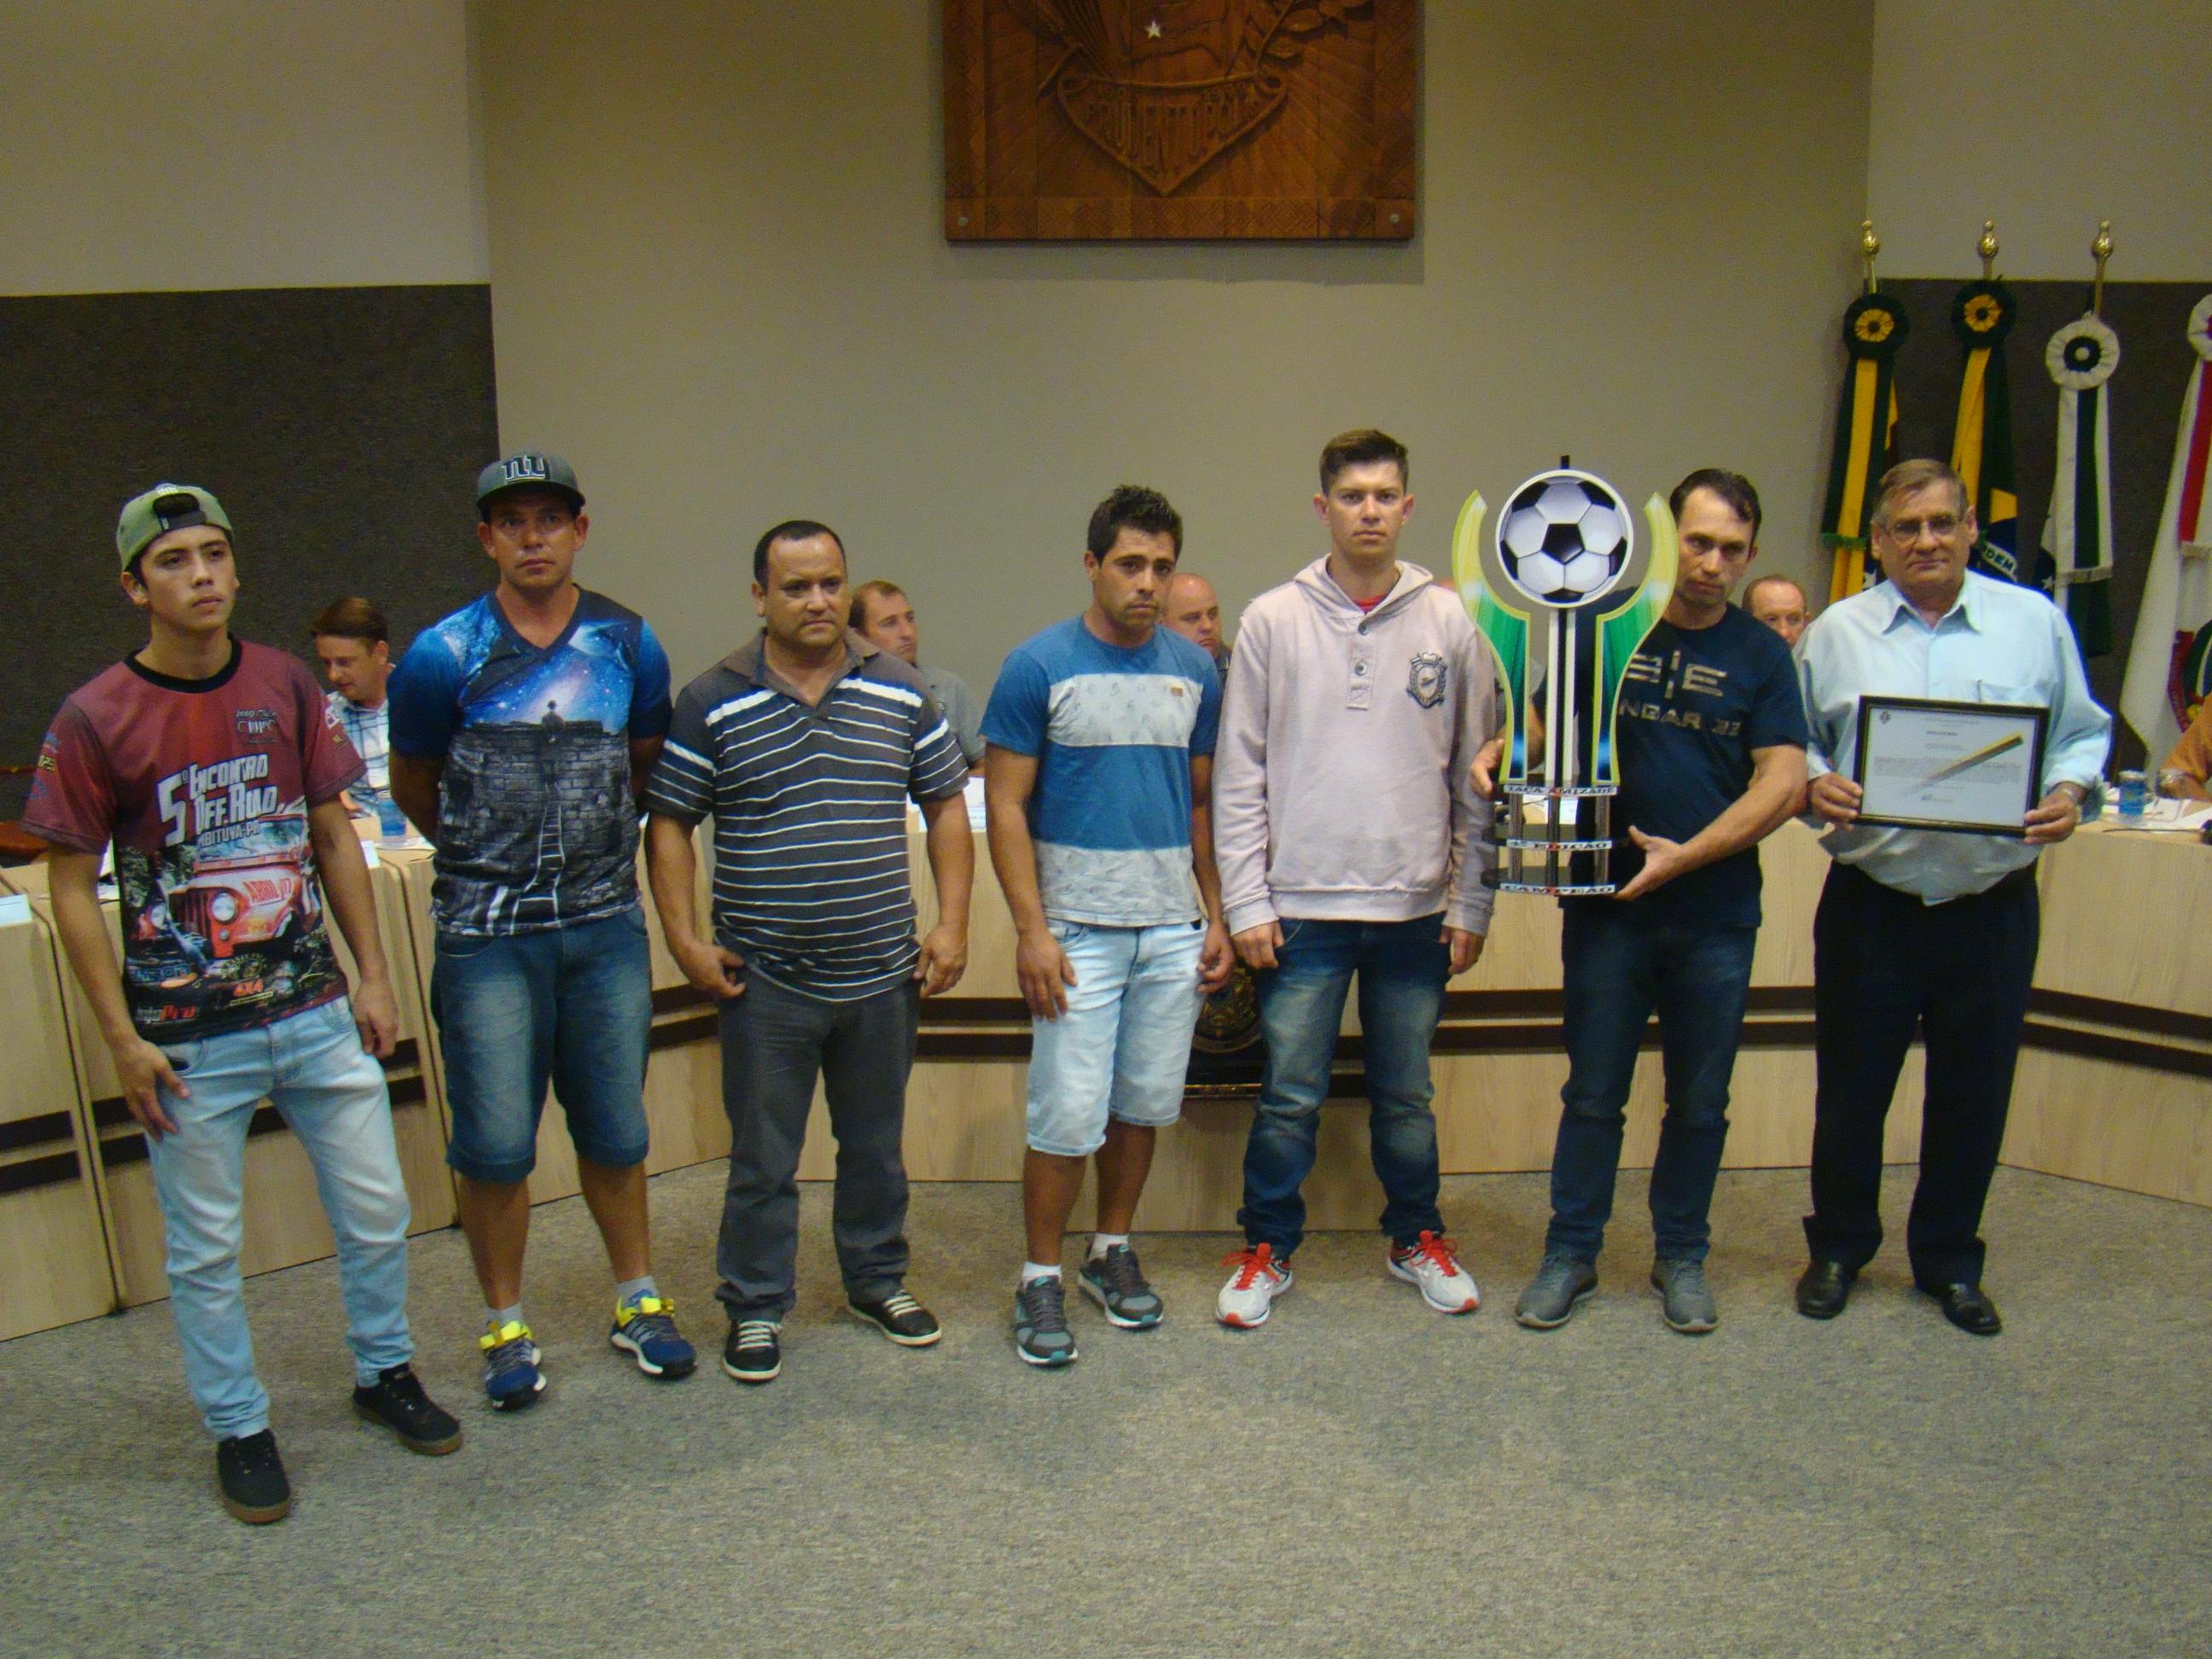 Equipe da Vila Santana foi homenageada pela conquistas